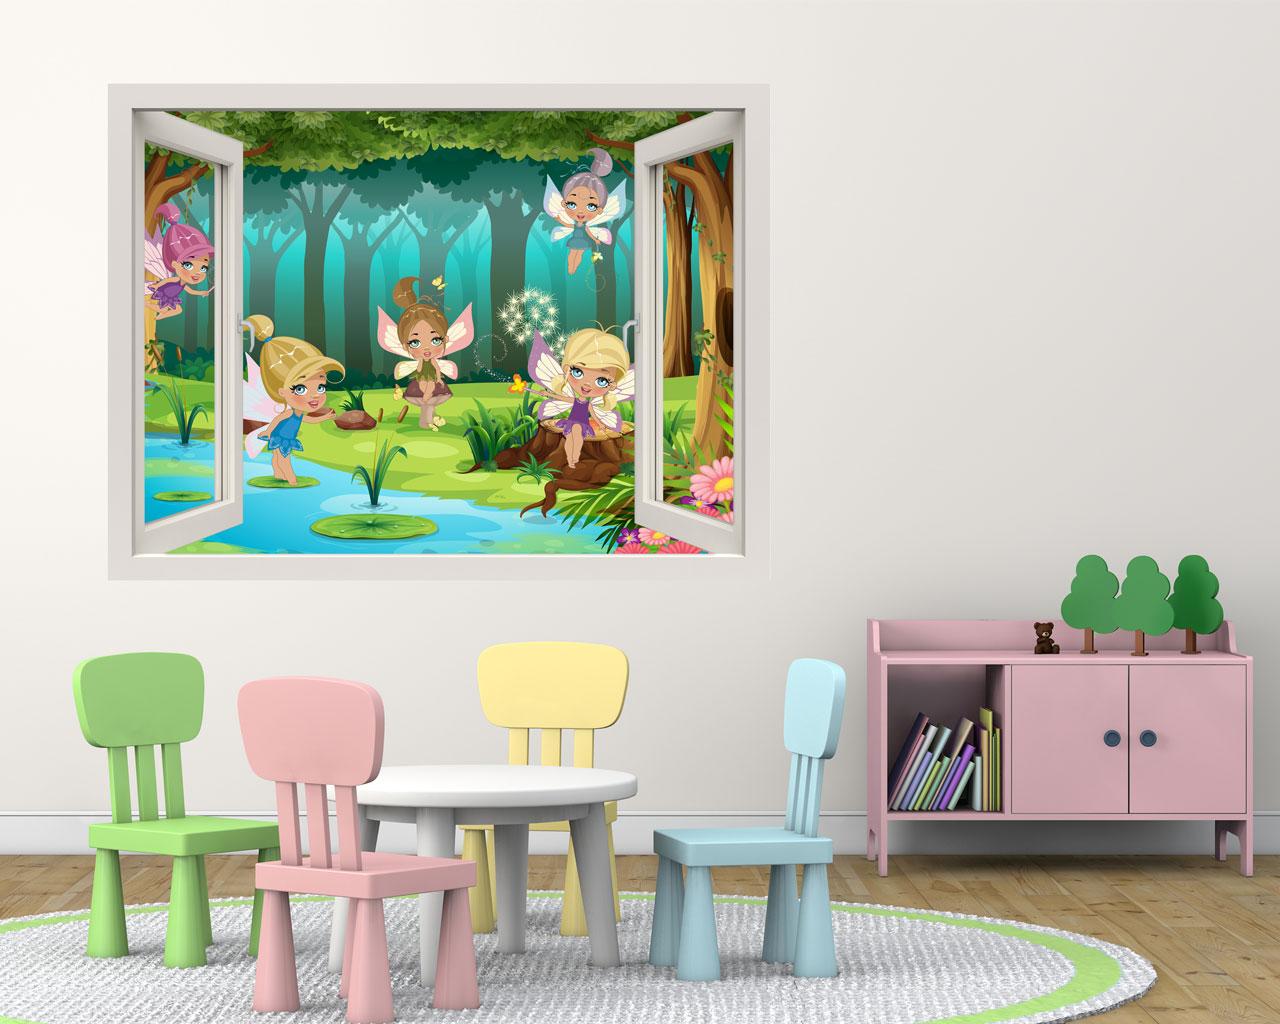 Fatine nel bosco incantato infanzia finestra illusione - Quadri con finestre ...